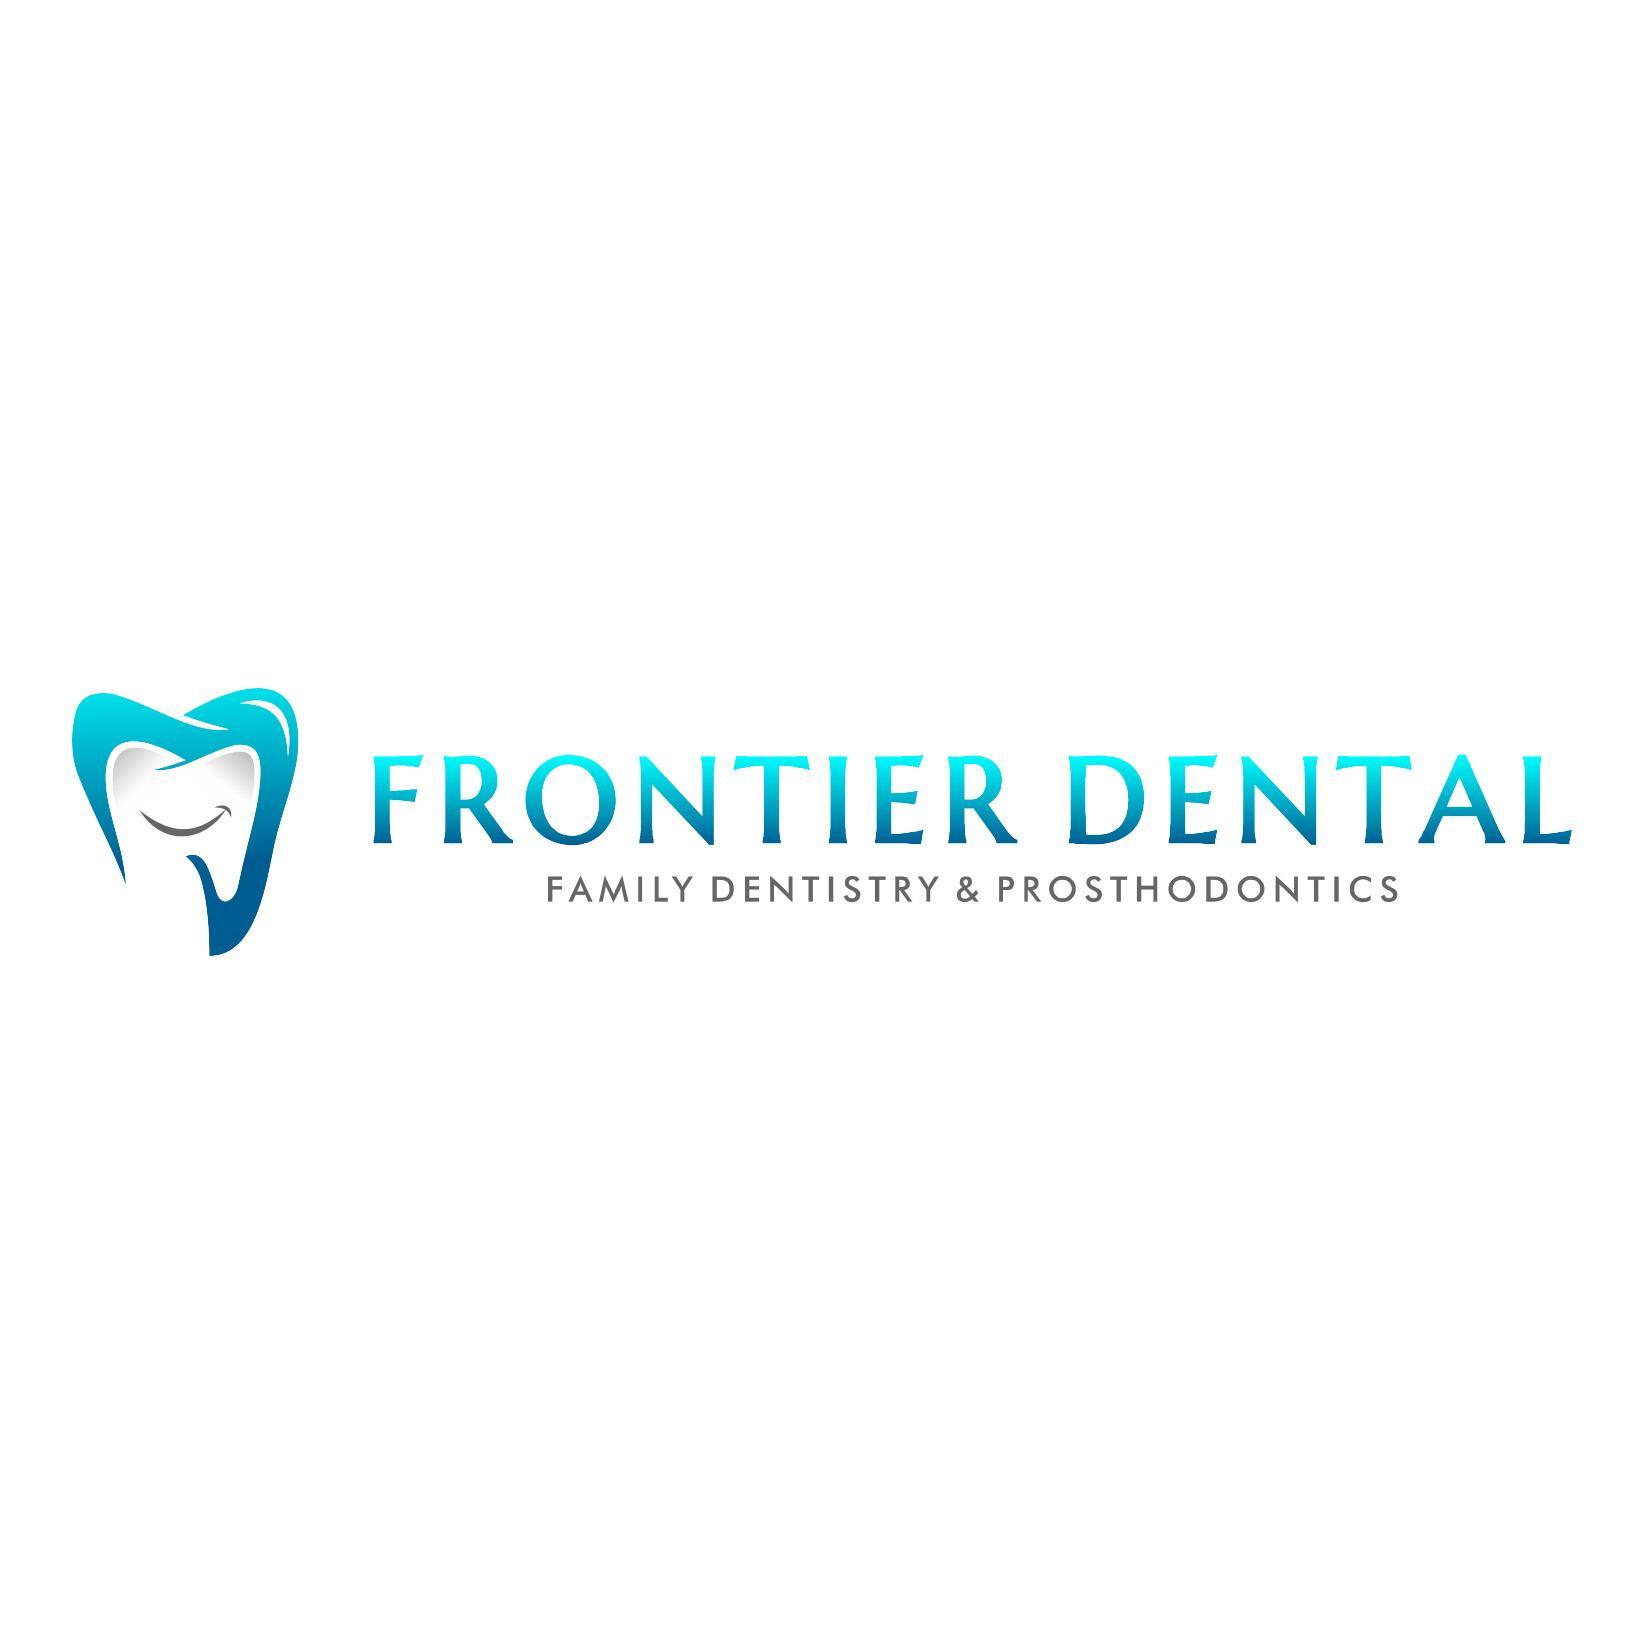 Frontier Dental Family Dentistry & Prosthodontics